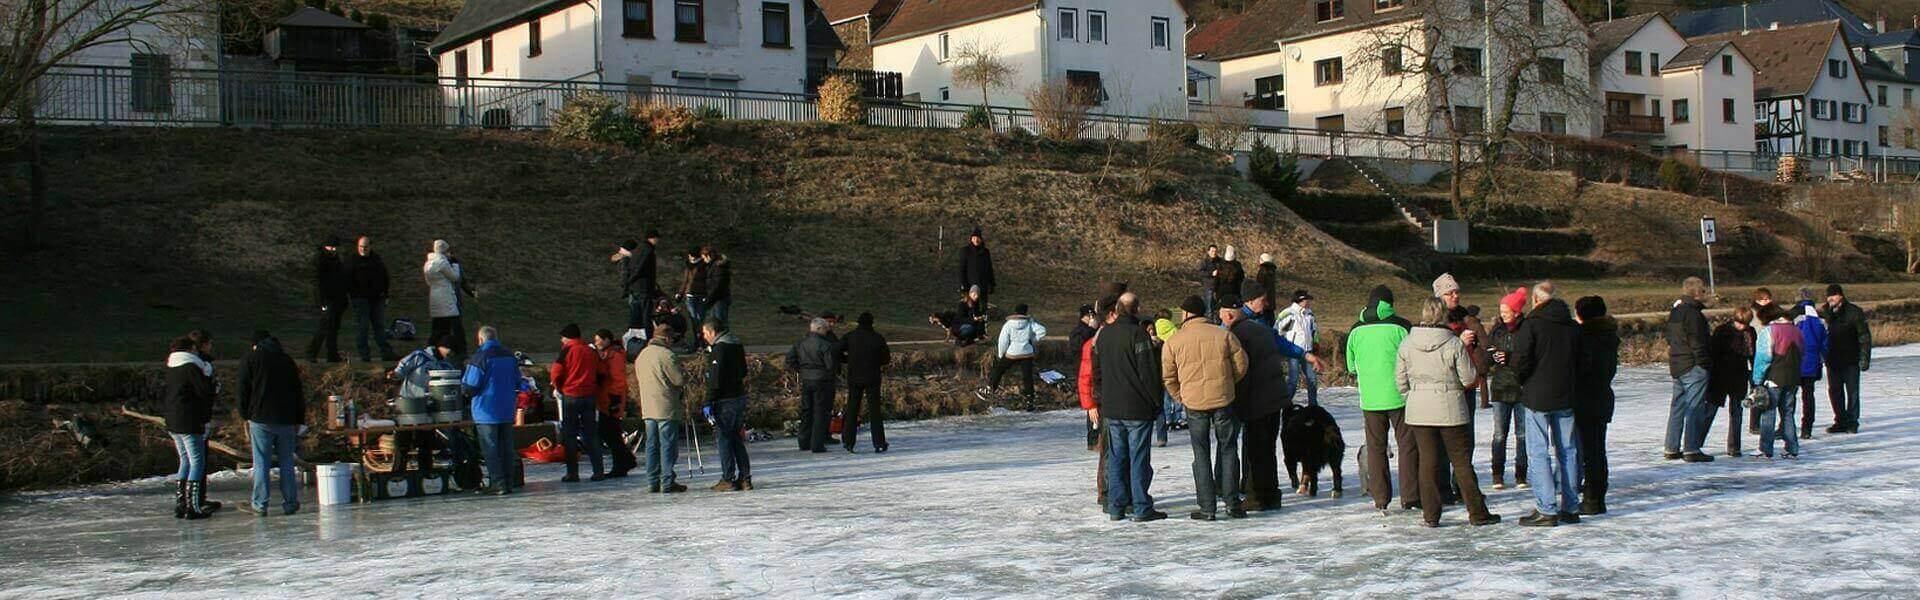 Winter Wanderung mit Glühwein als Weihnachtsfeier Idee b-ceed events